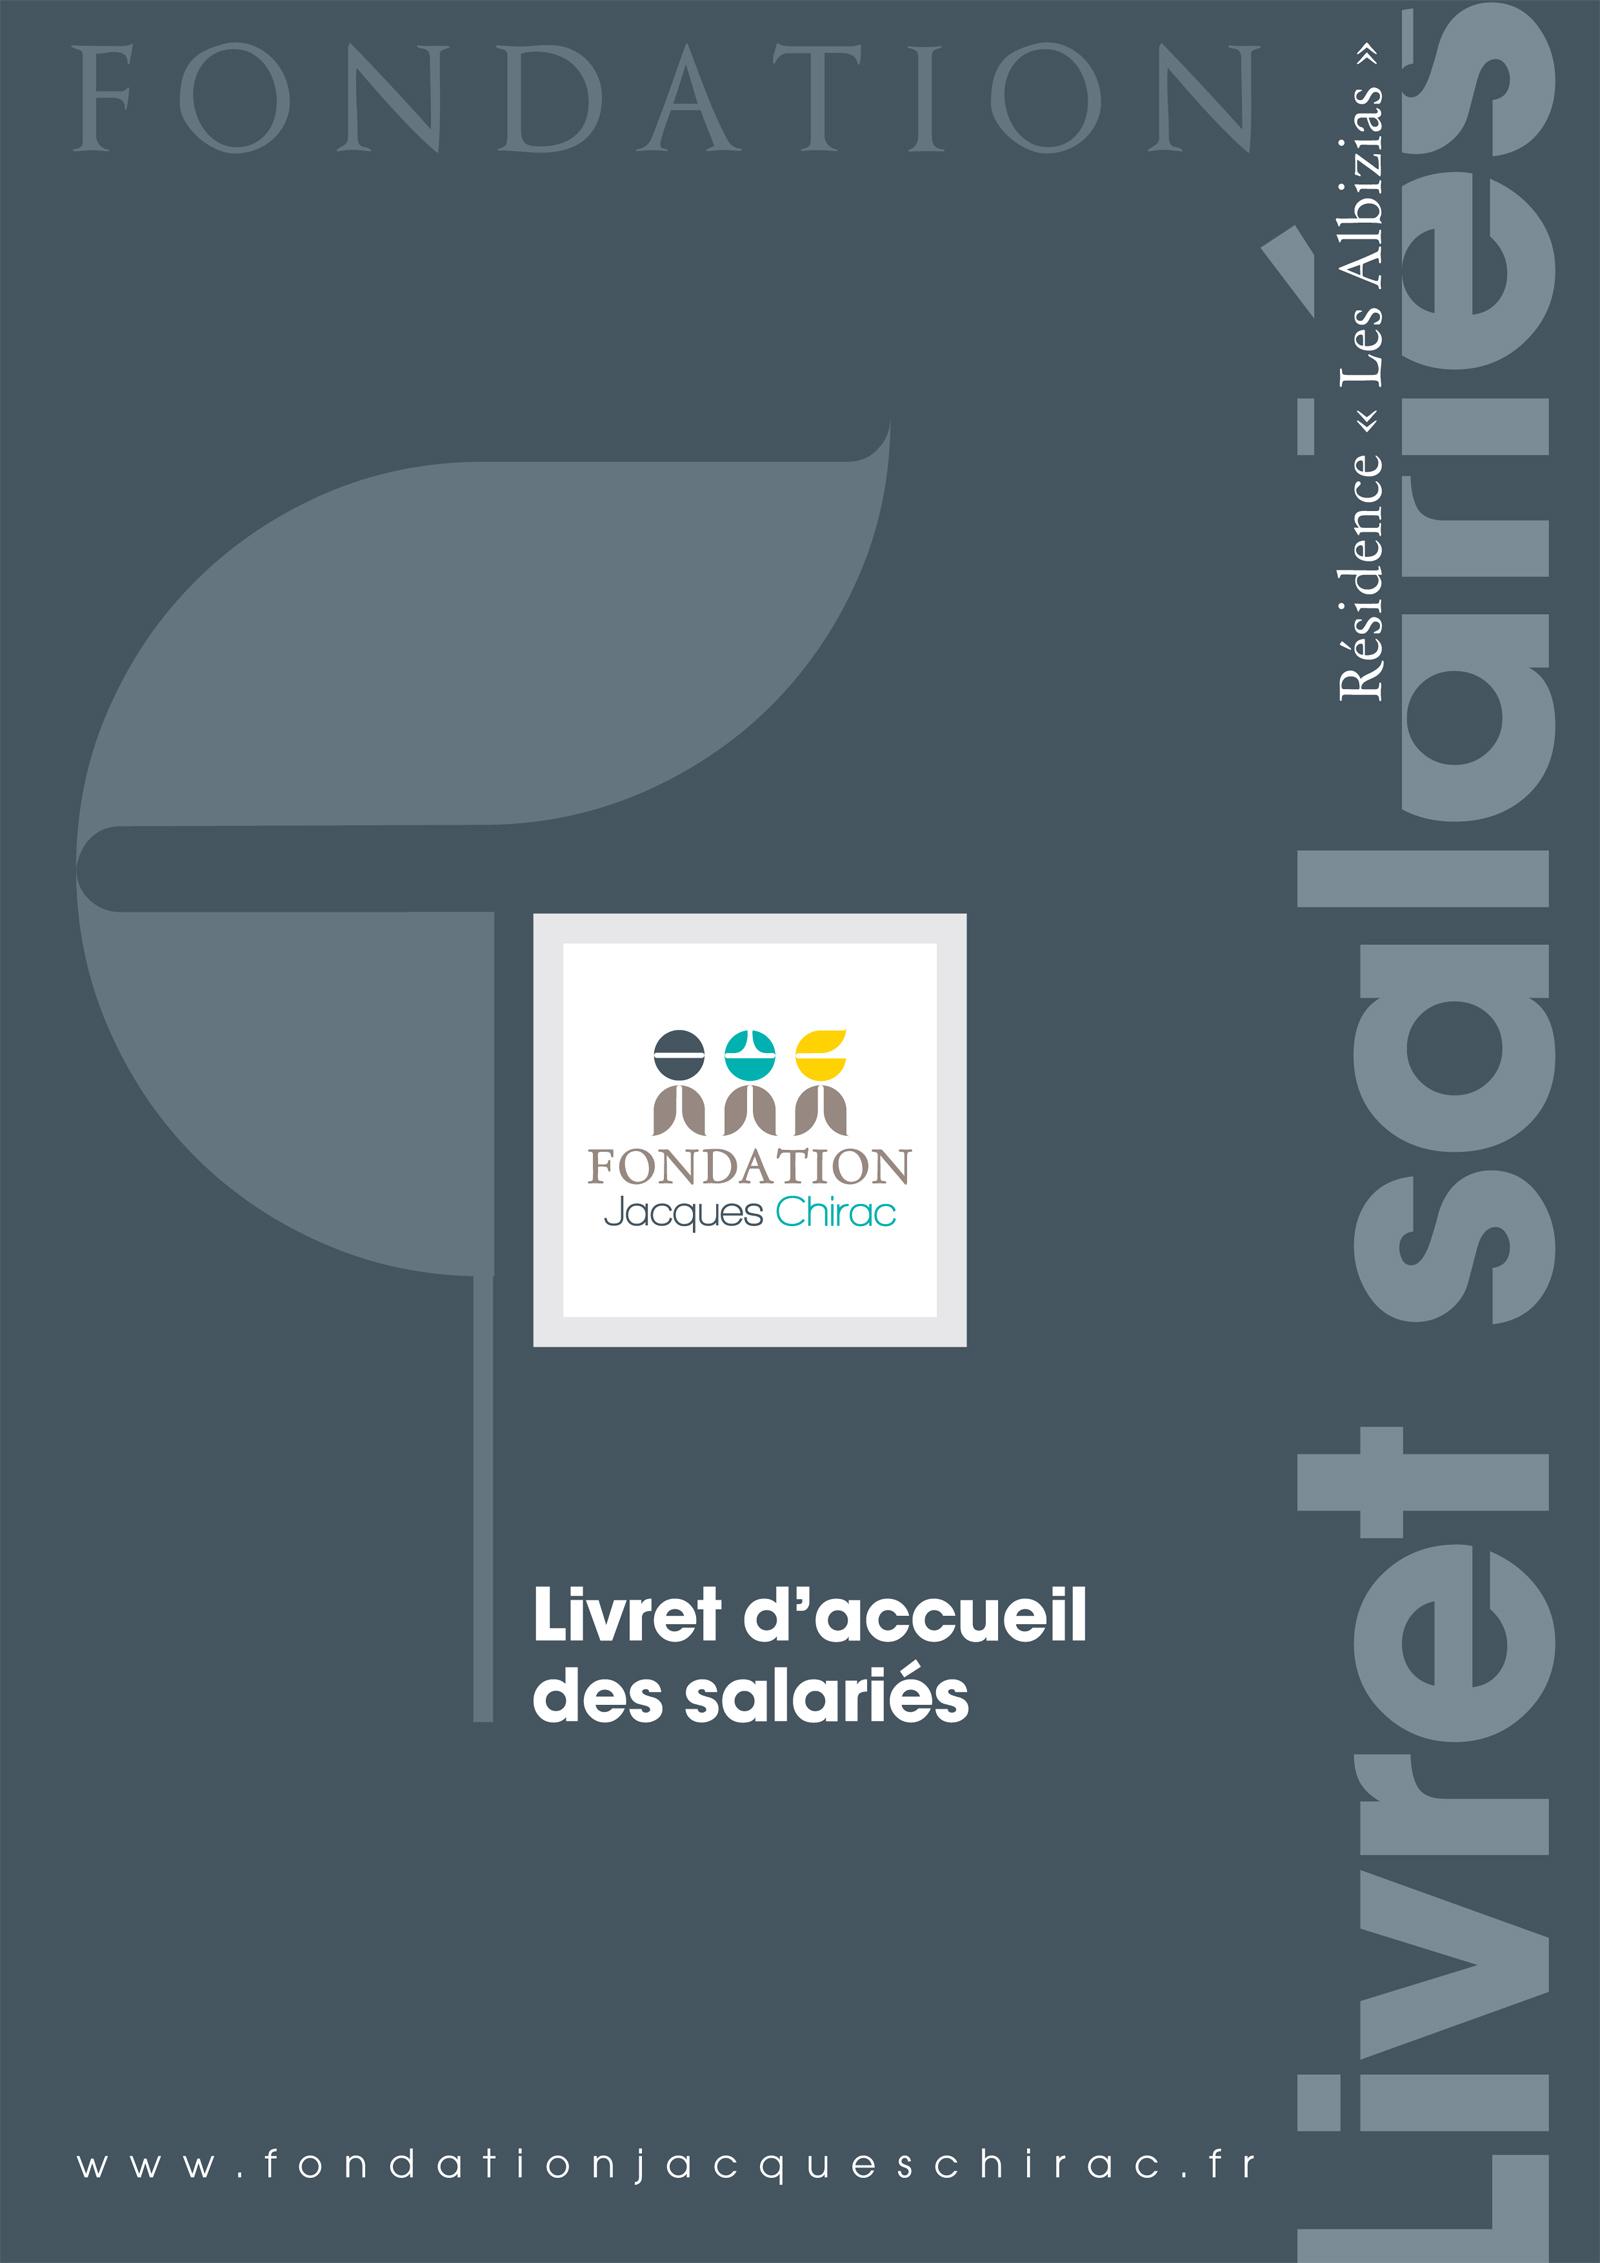 Réalisation Comevents - Fondation Jacques Chirac - Livret d'accueil des salariés